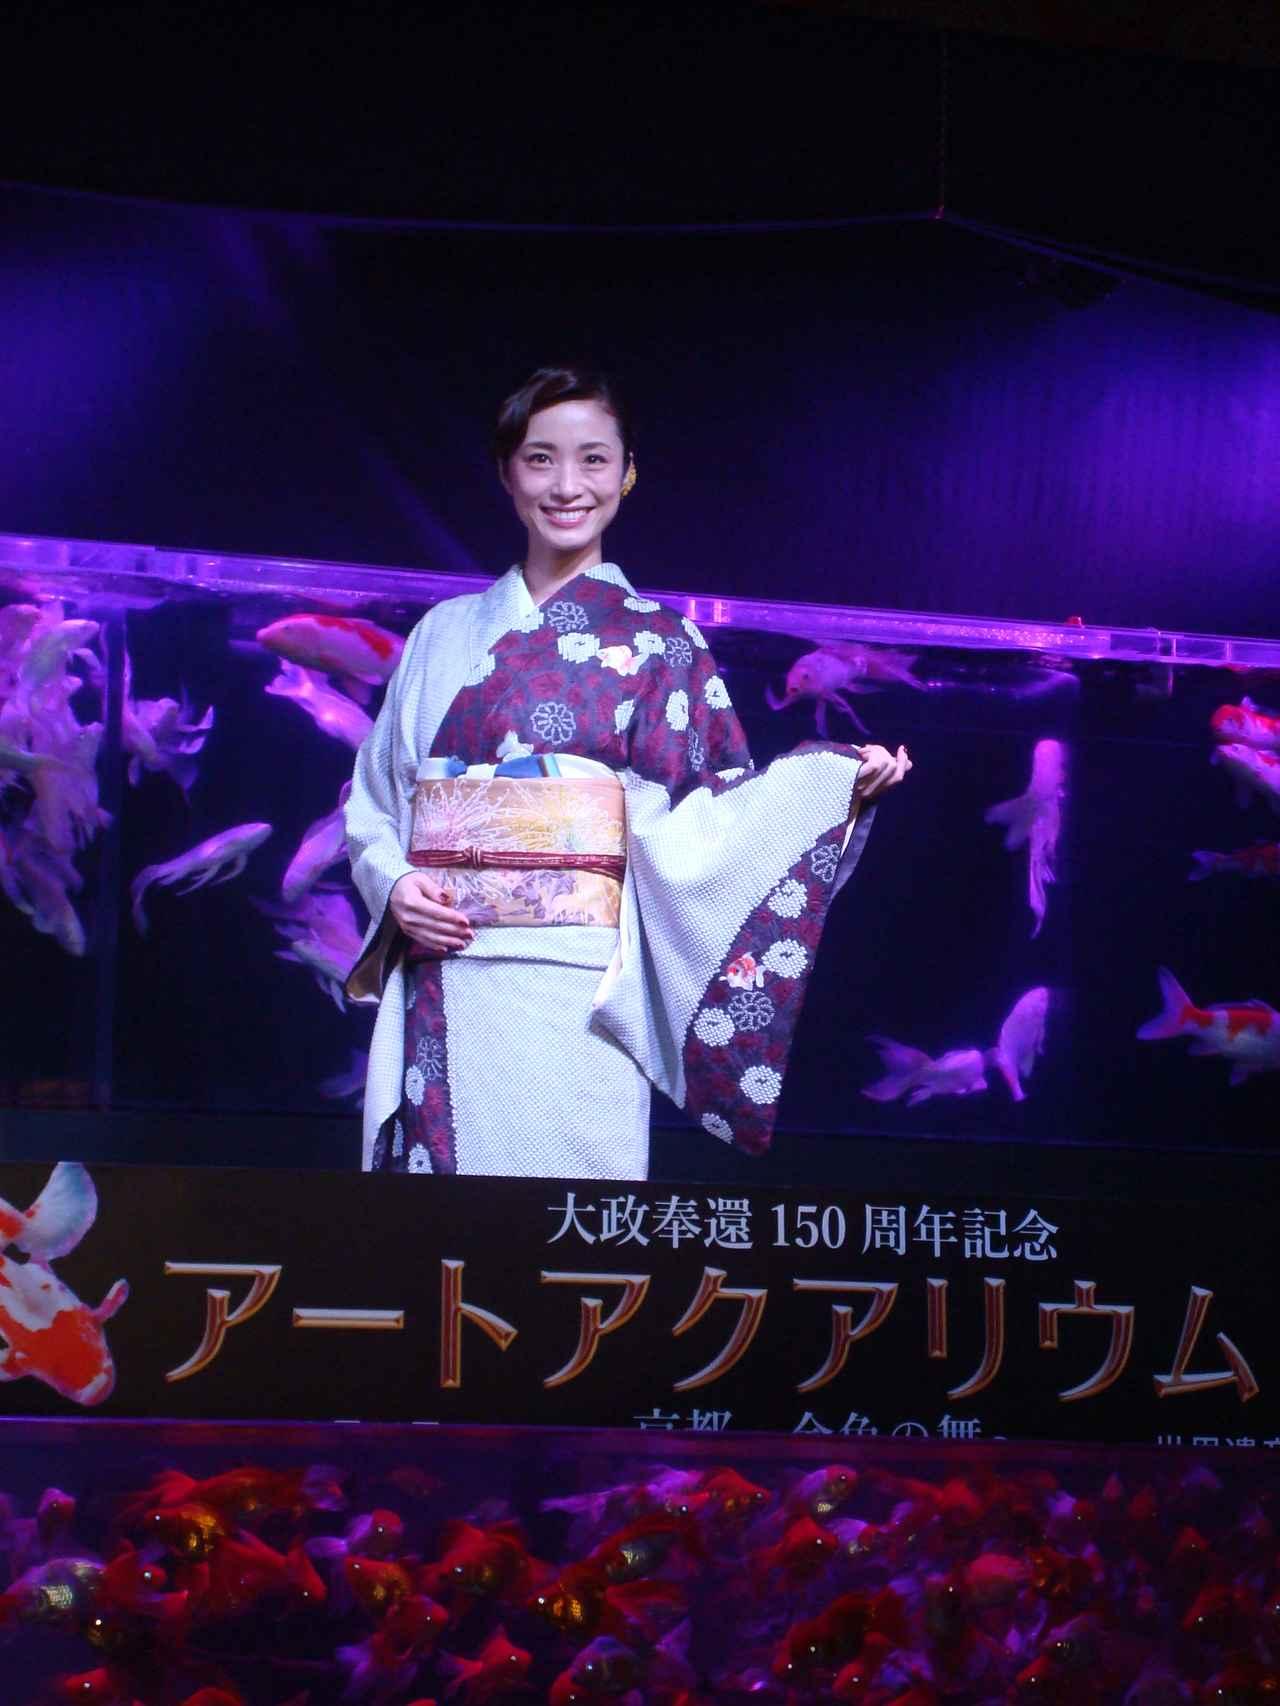 画像1: 開会式に広報大使の女優・上戸彩さんが登場